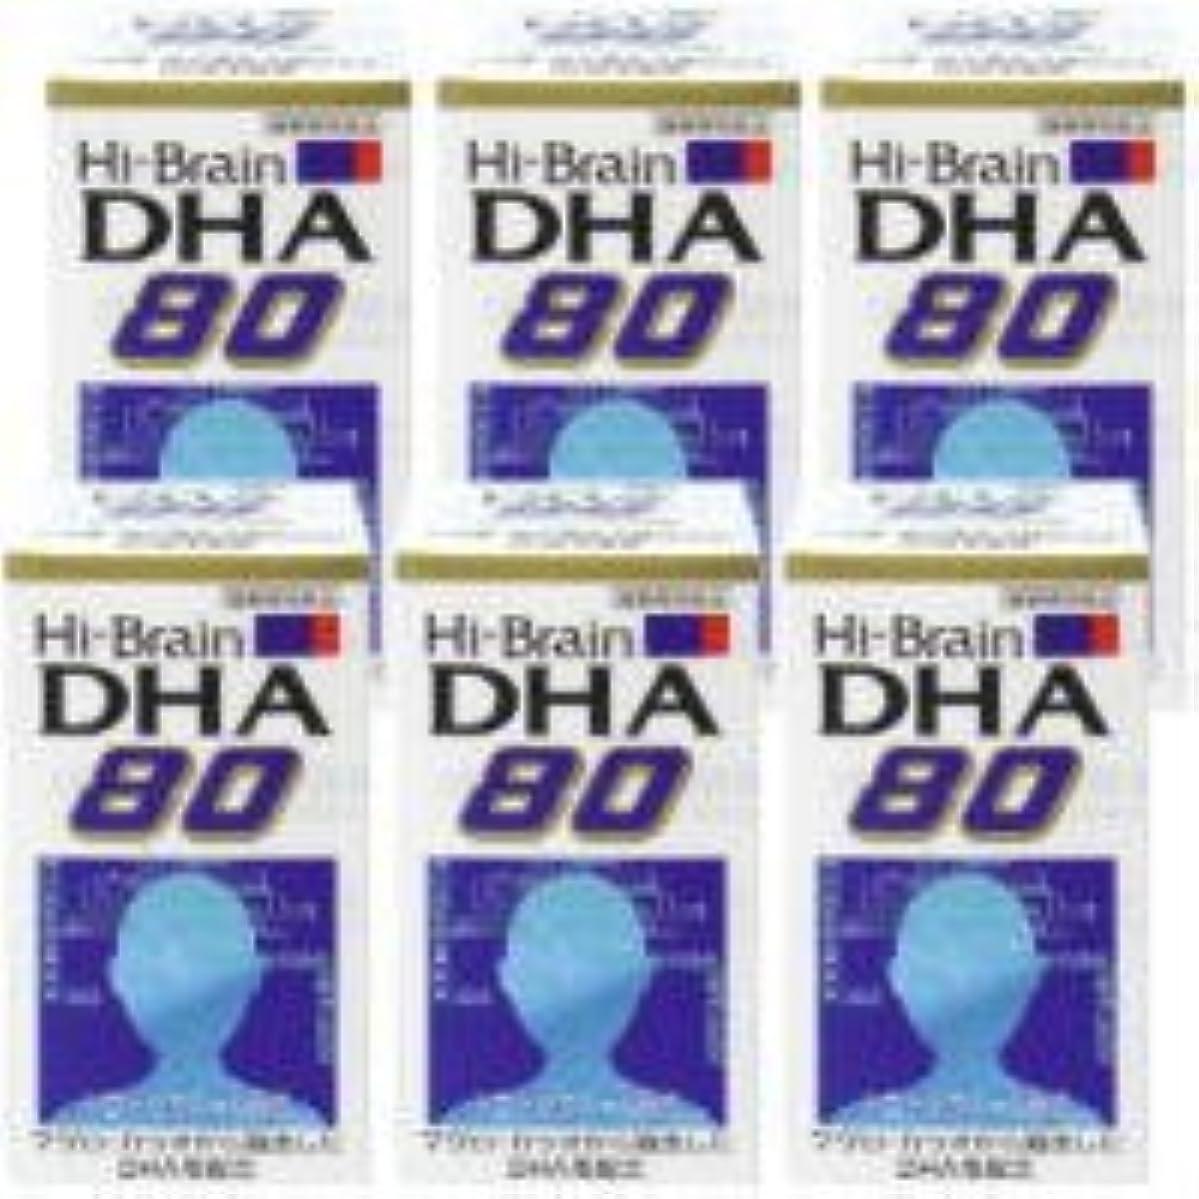 エイリアス年齢資本主義ハイブレーンDHA80 6個